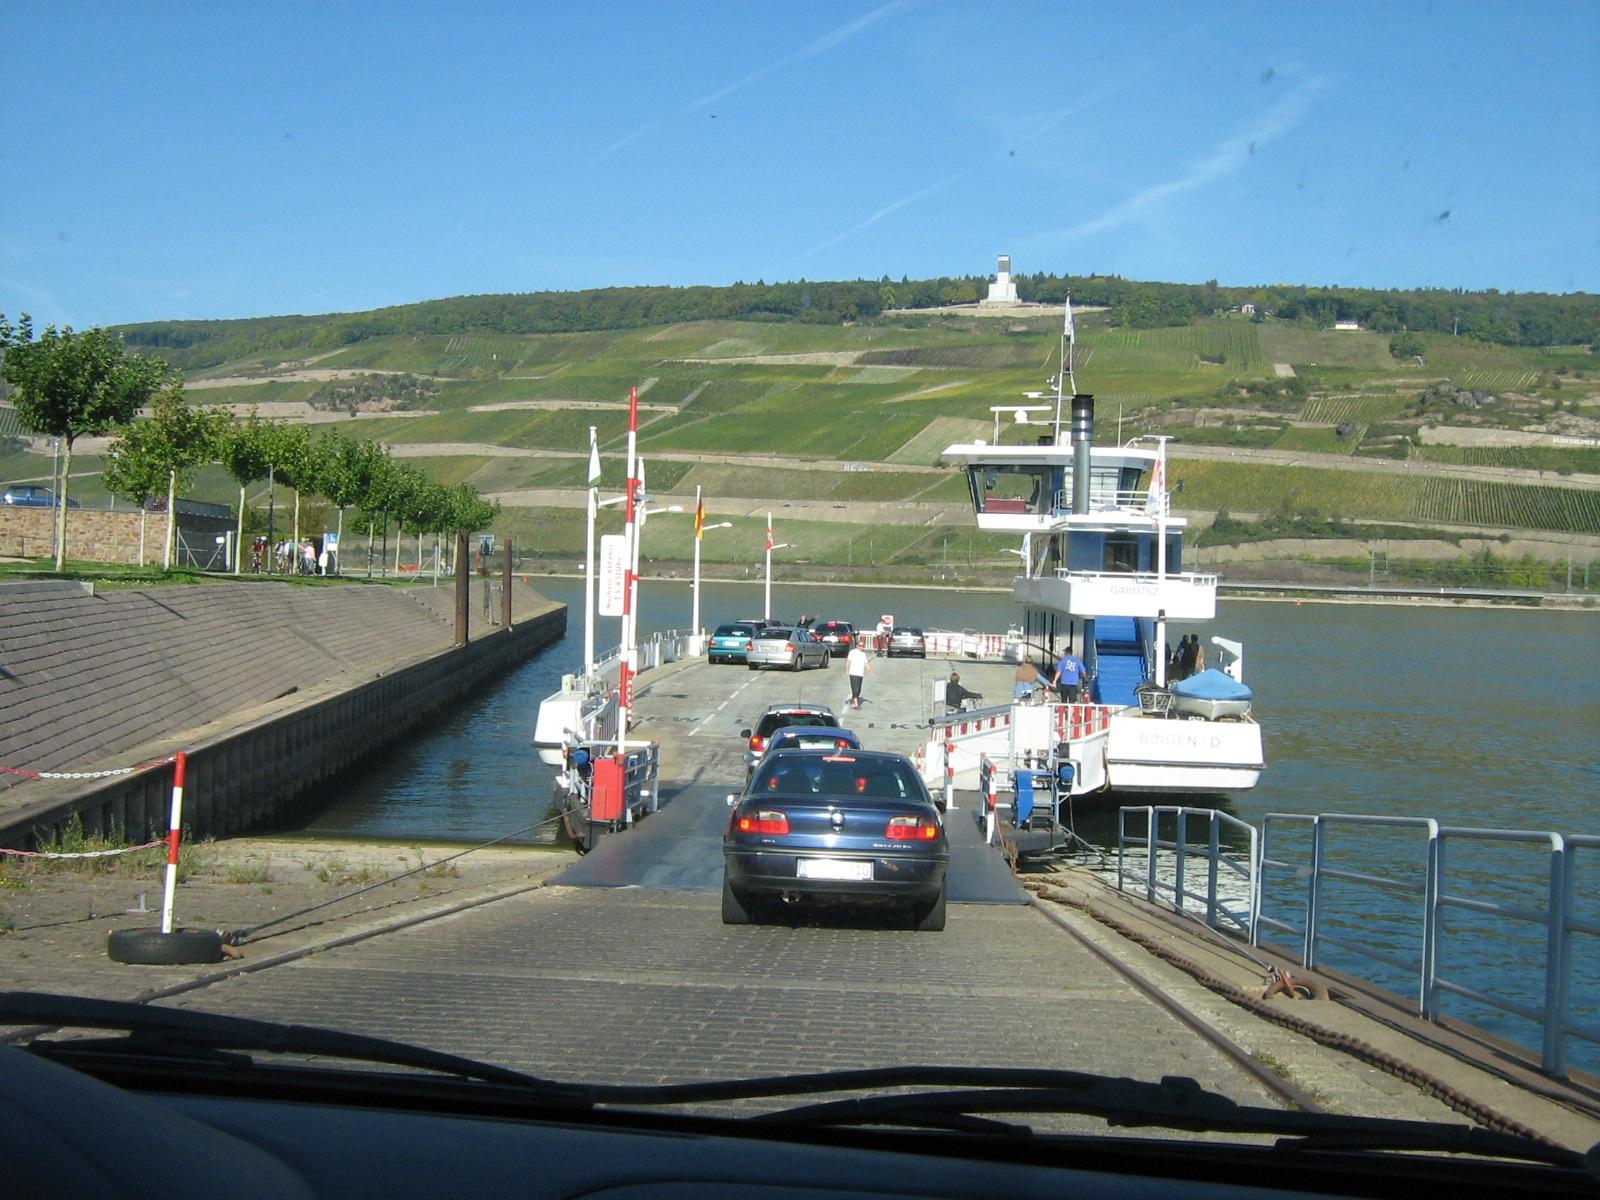 traversée bateau chargement voiture vallée du rhin